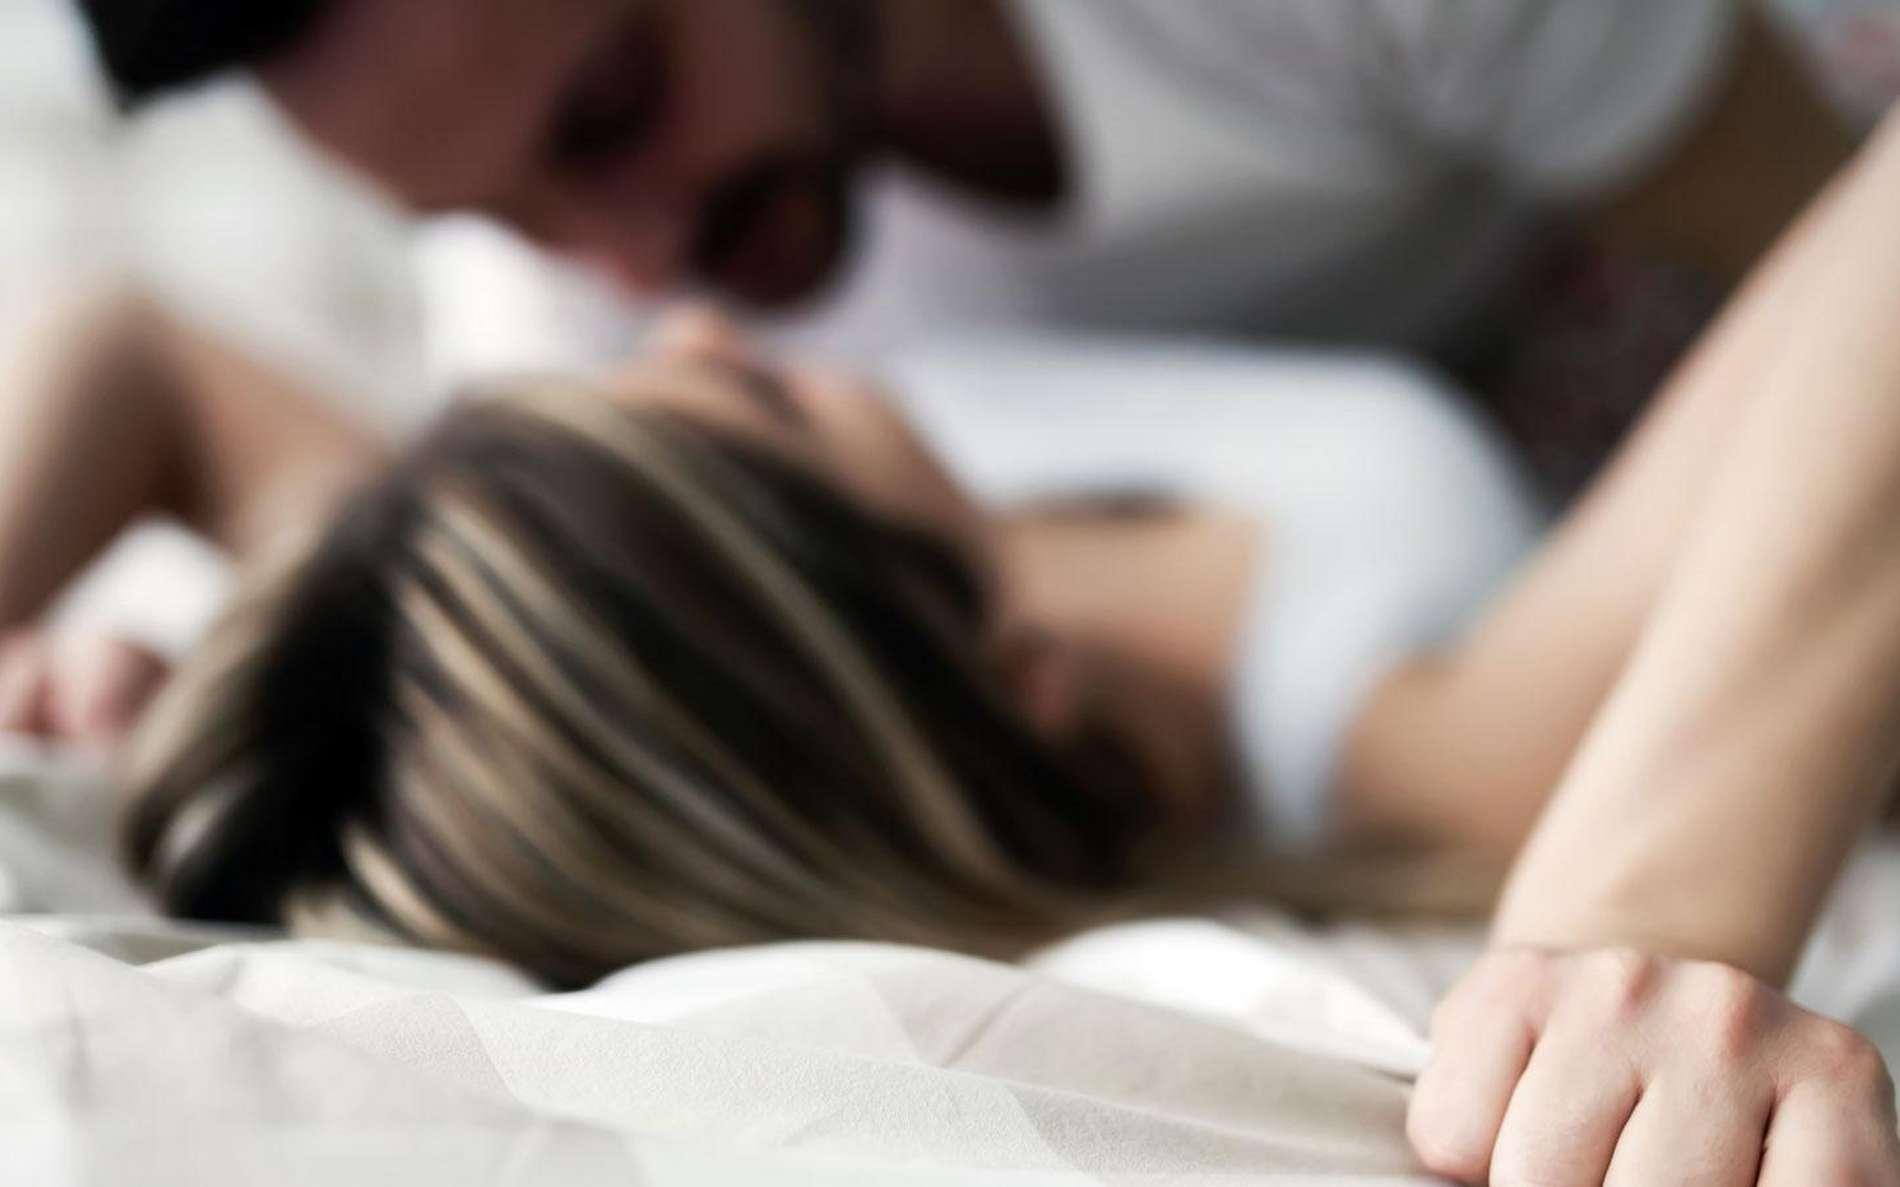 Durant des rapports sexuels non protégés, des infections sexuellement transmissibles peuvent être transmises d'un partenaire à l'autre. En cas de doute, il faut consulter un médecin. © iStock